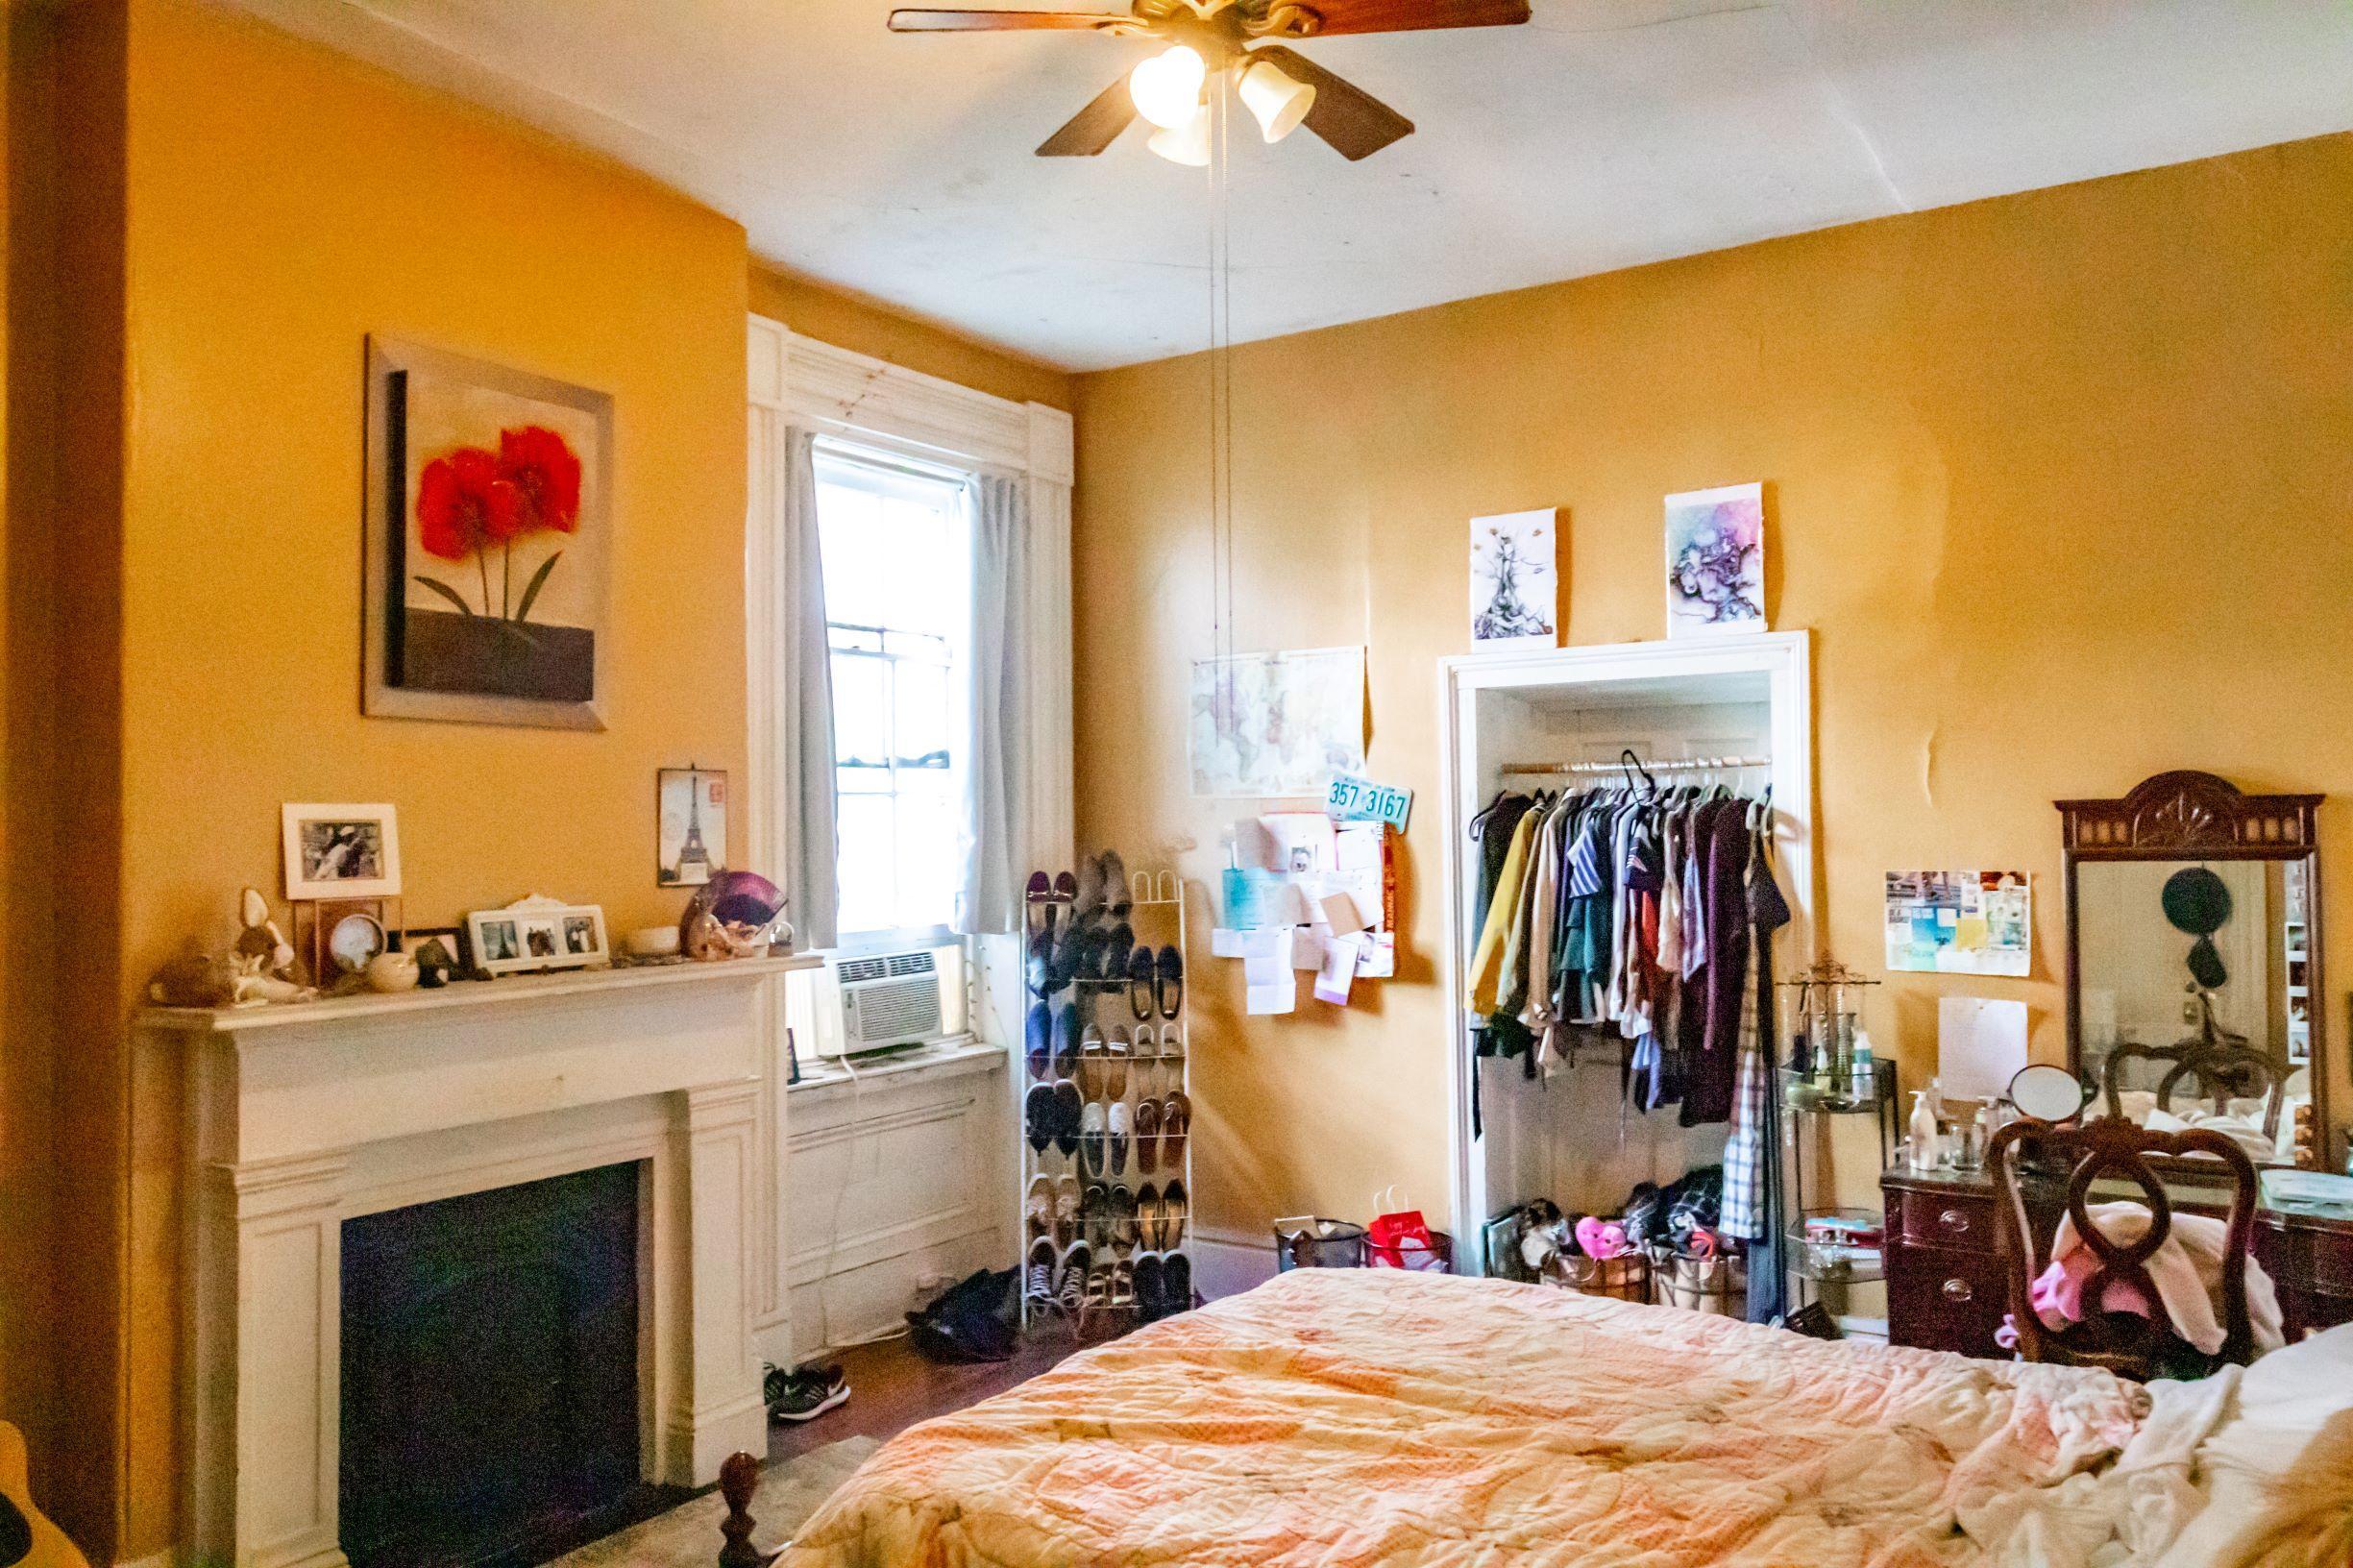 Harleston Village Homes For Sale - 157 Wentworth, Charleston, SC - 3